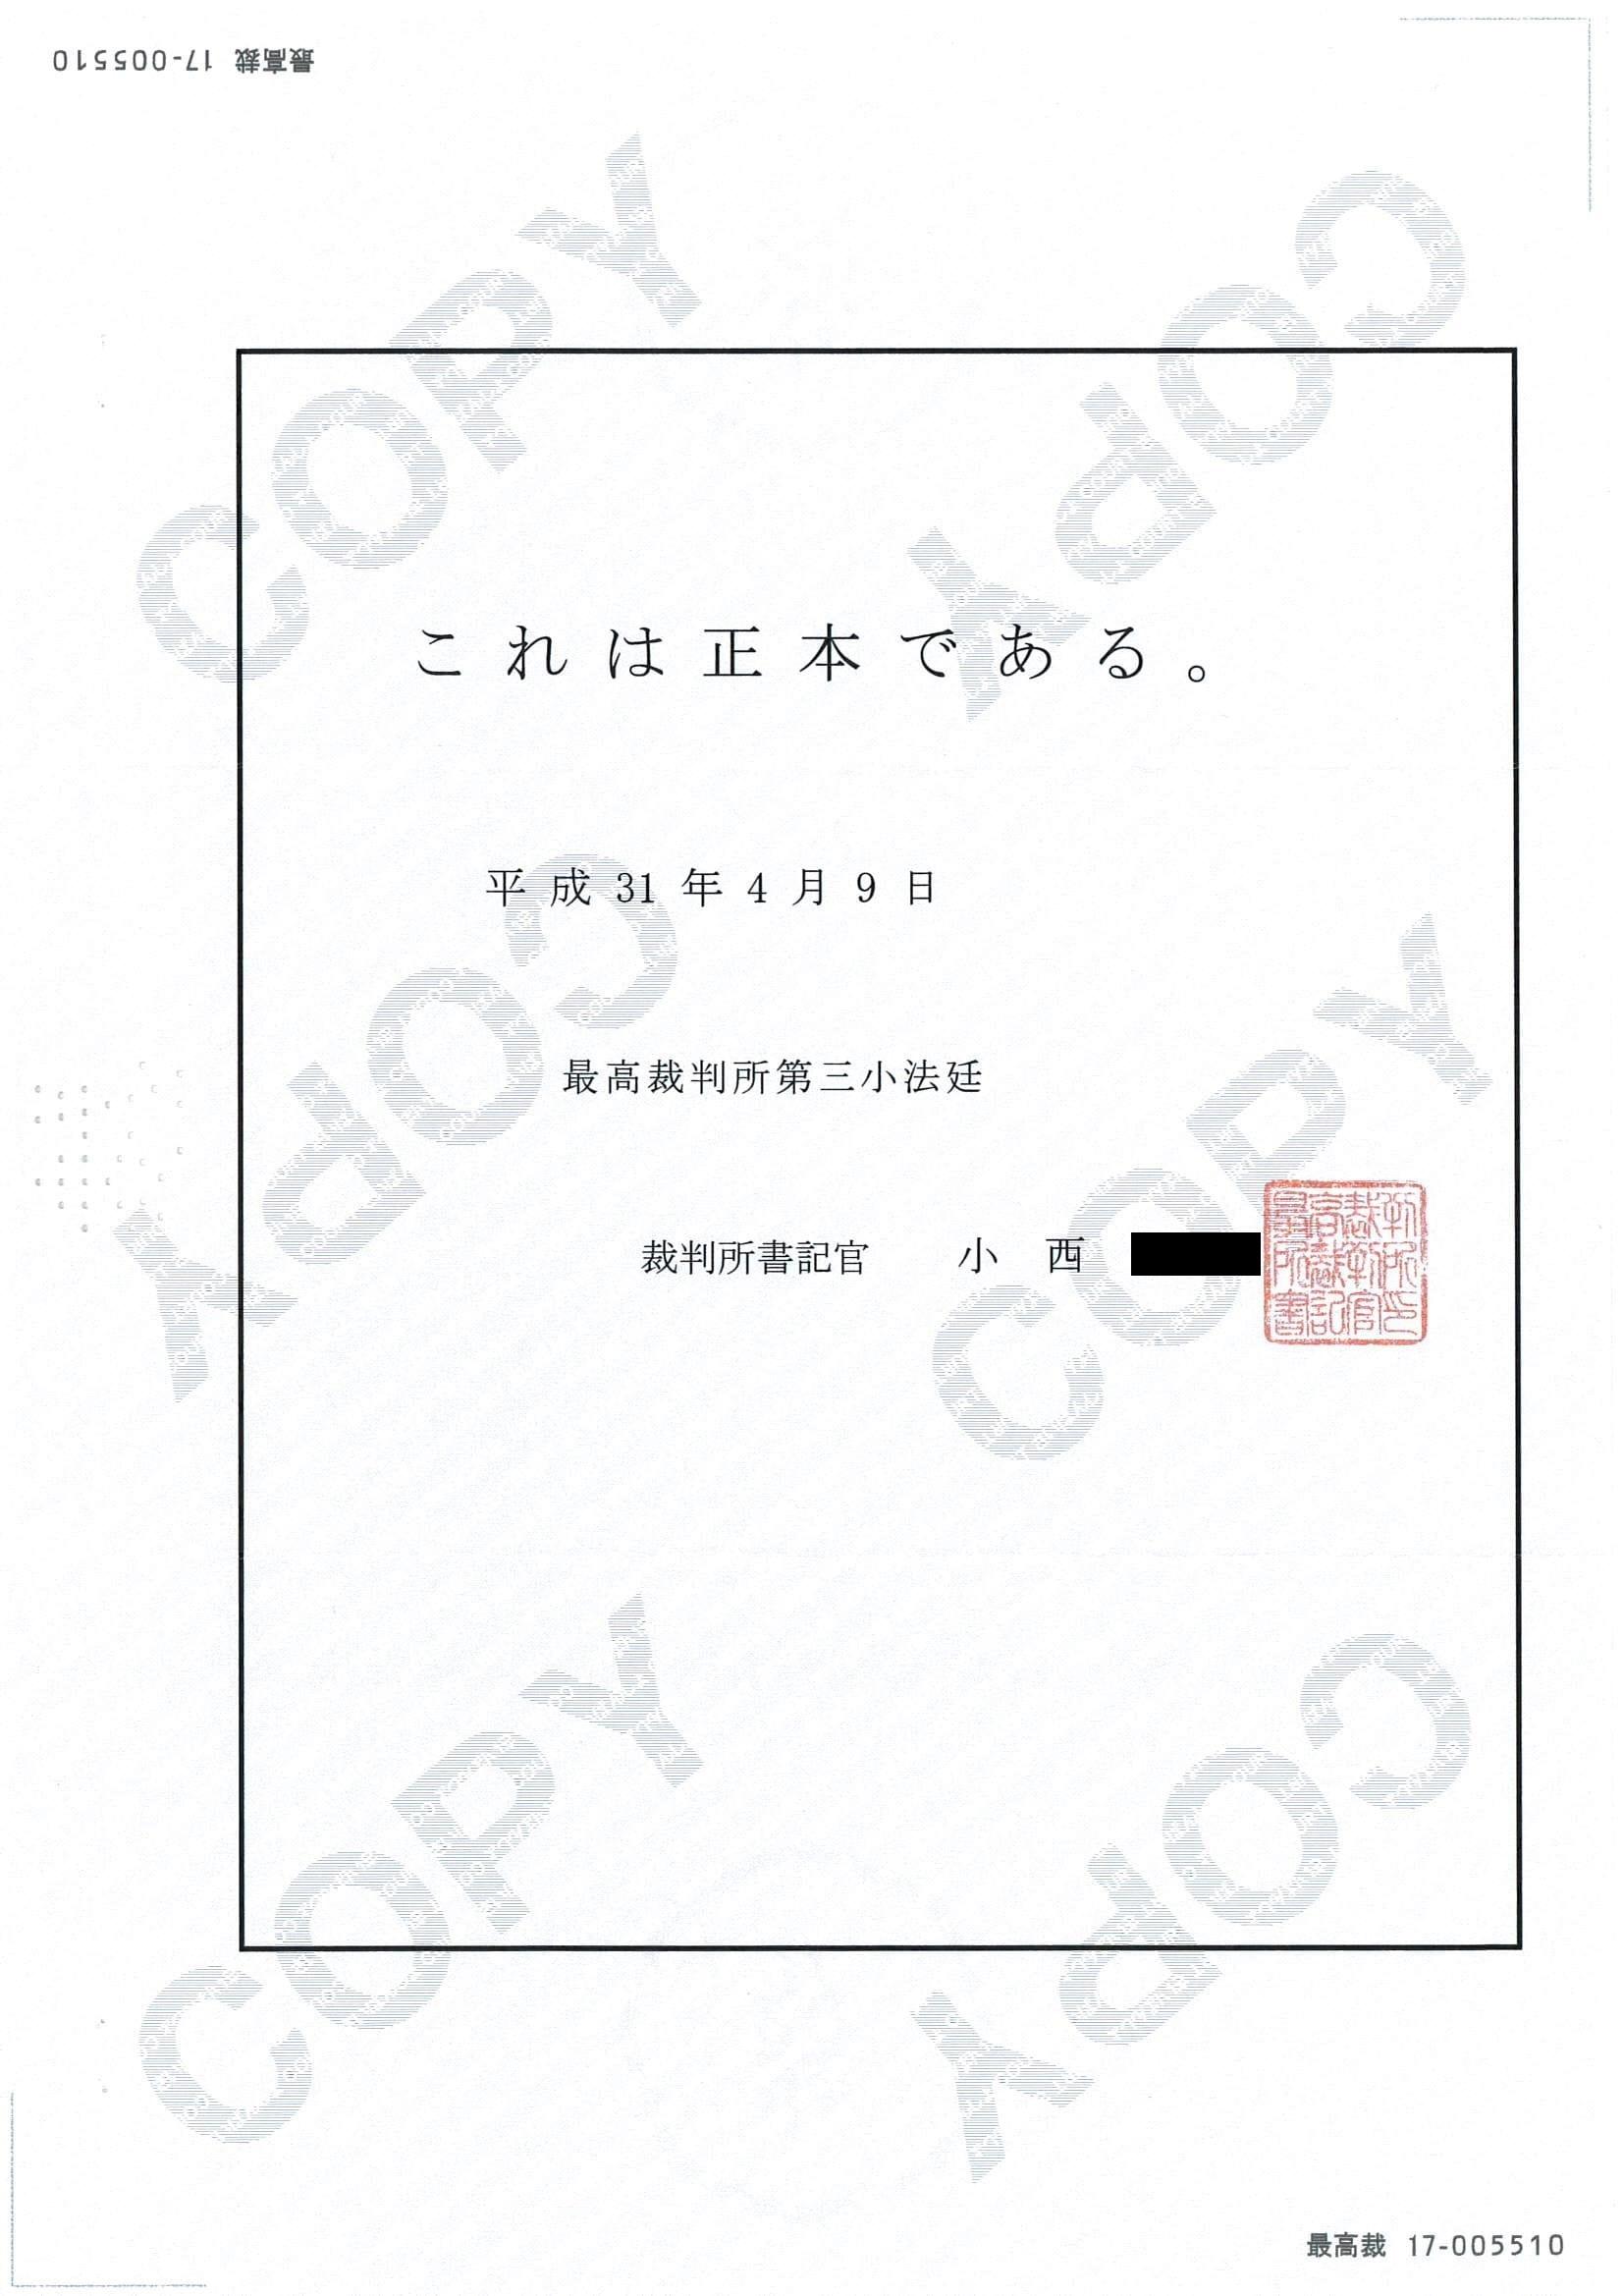 医療法人間 名誉棄損裁判 :  最高裁判所の判断_d0092965_04260453.jpg